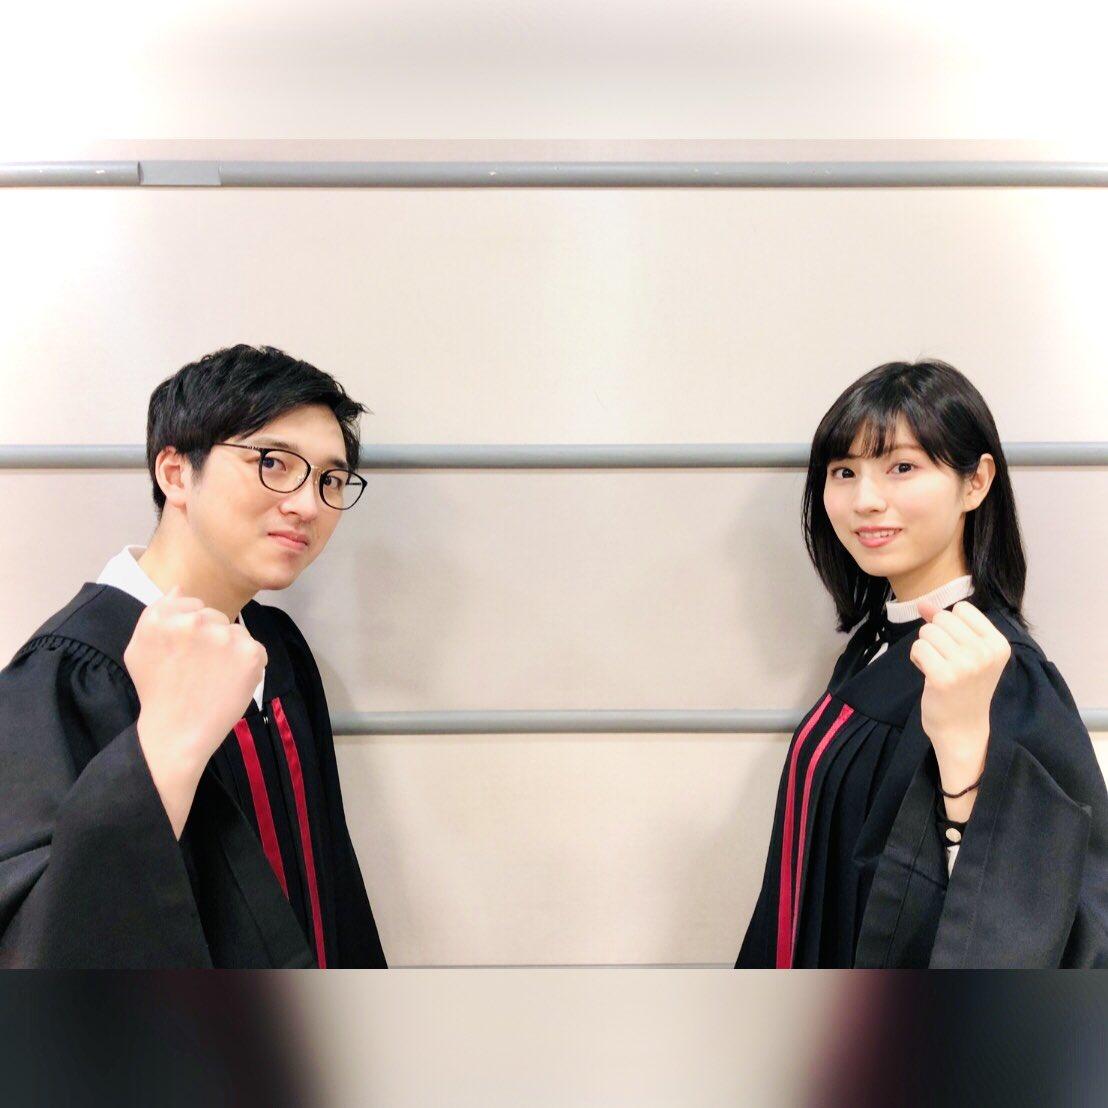 結婚 伊沢拓司 (3ページ目)「伊沢拓司と僕は性格が真逆なんです」イケメン開成生・田村正資が語る『高校生クイズ』のその後